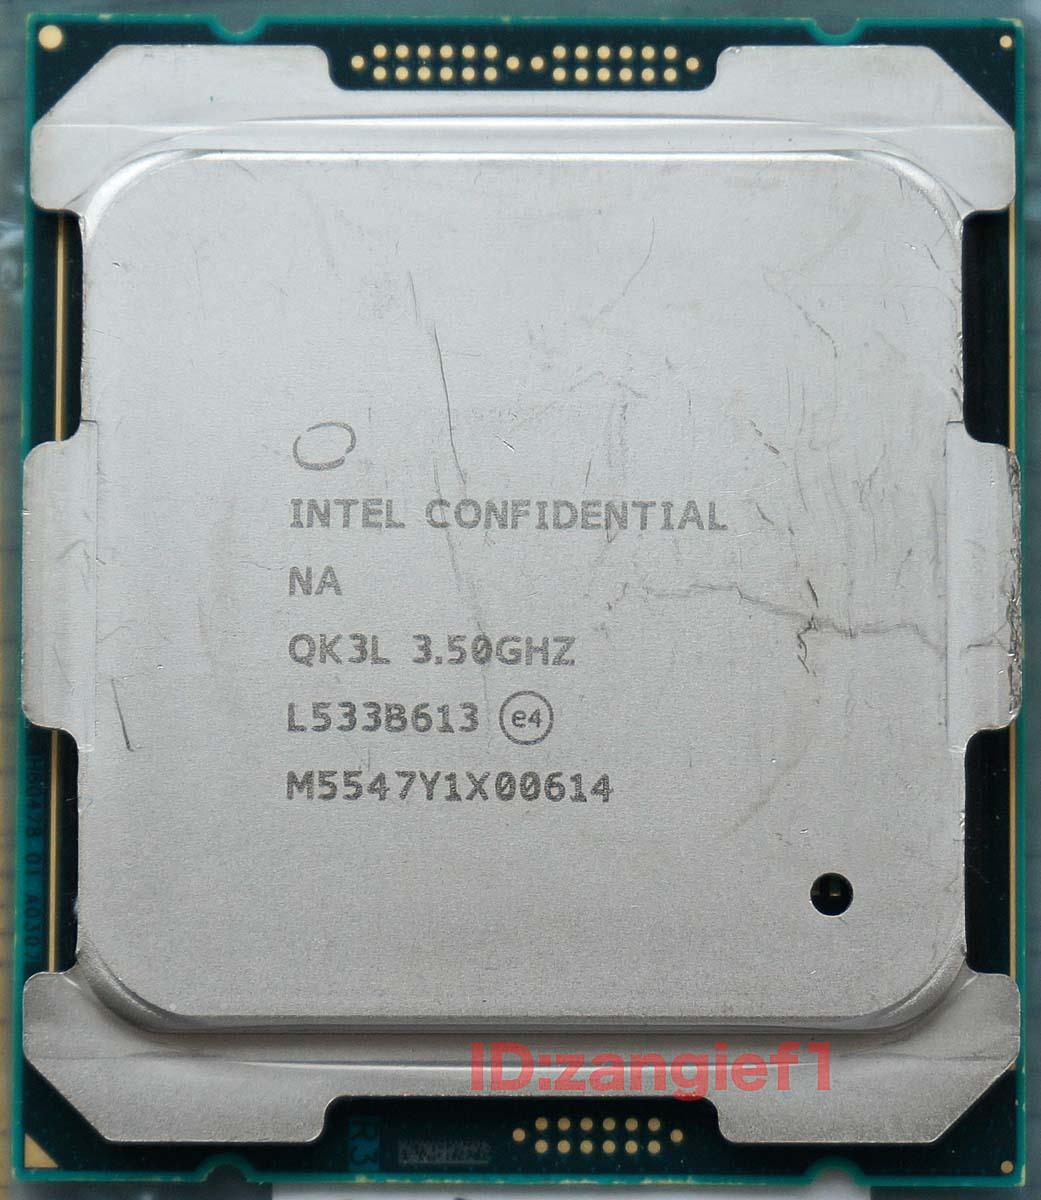 ★☆動作確認済 intel Xeon E5-1620 V4 ES QK3L 4コア8スレッド LGA2011-3 X99等 Broadwell-E☆★